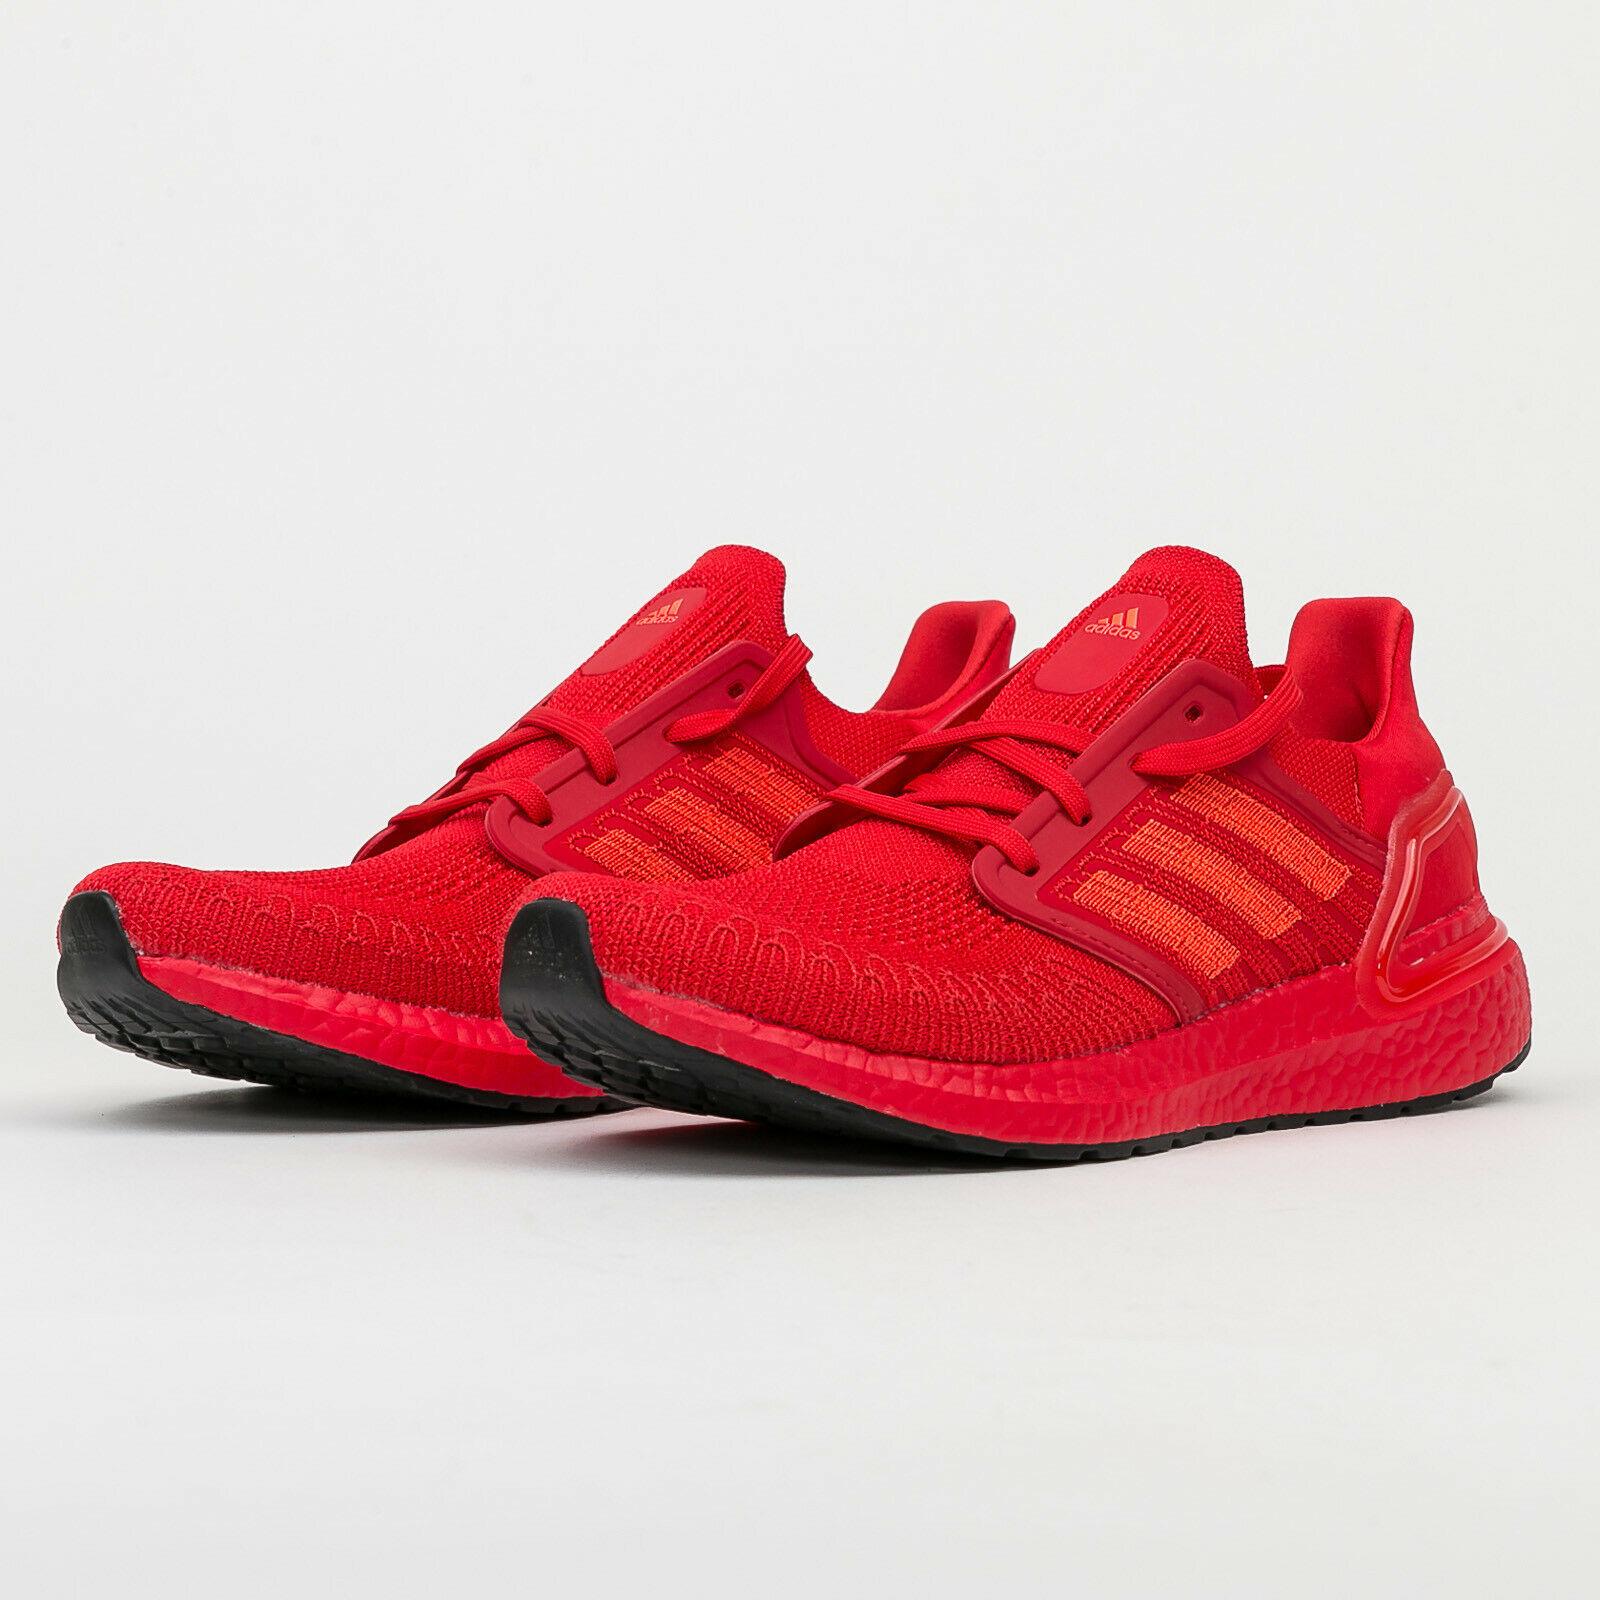 Adidas Ultra Boost Scarlet 2020